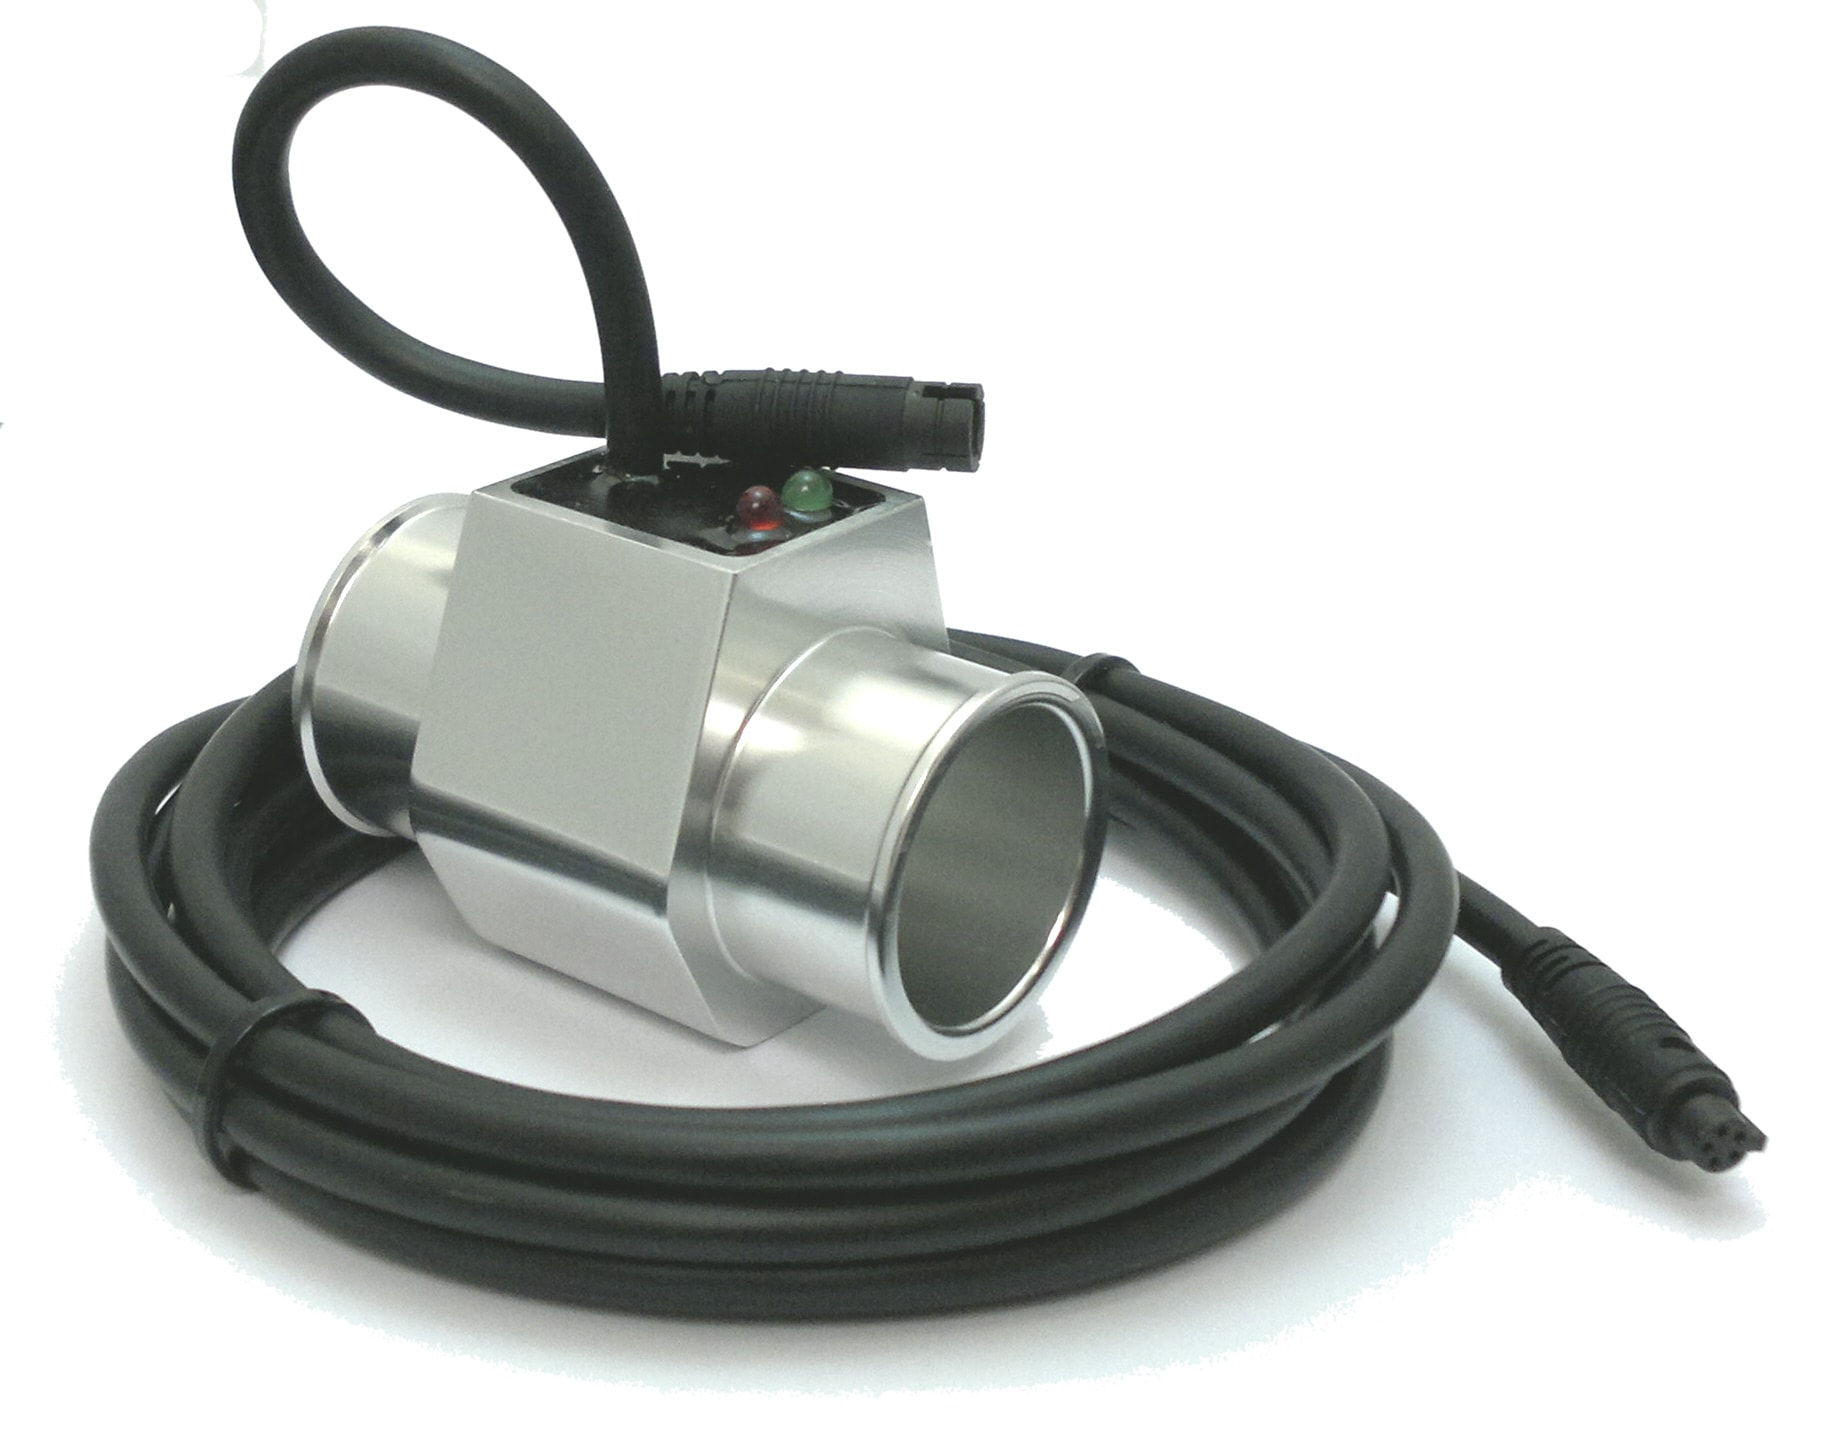 CARTEK Motorsport Coolant Level Sensor (26mm, 32mm, 38mm) R R32 VR6 S3 RS3 TT RS Turbo Supercharged